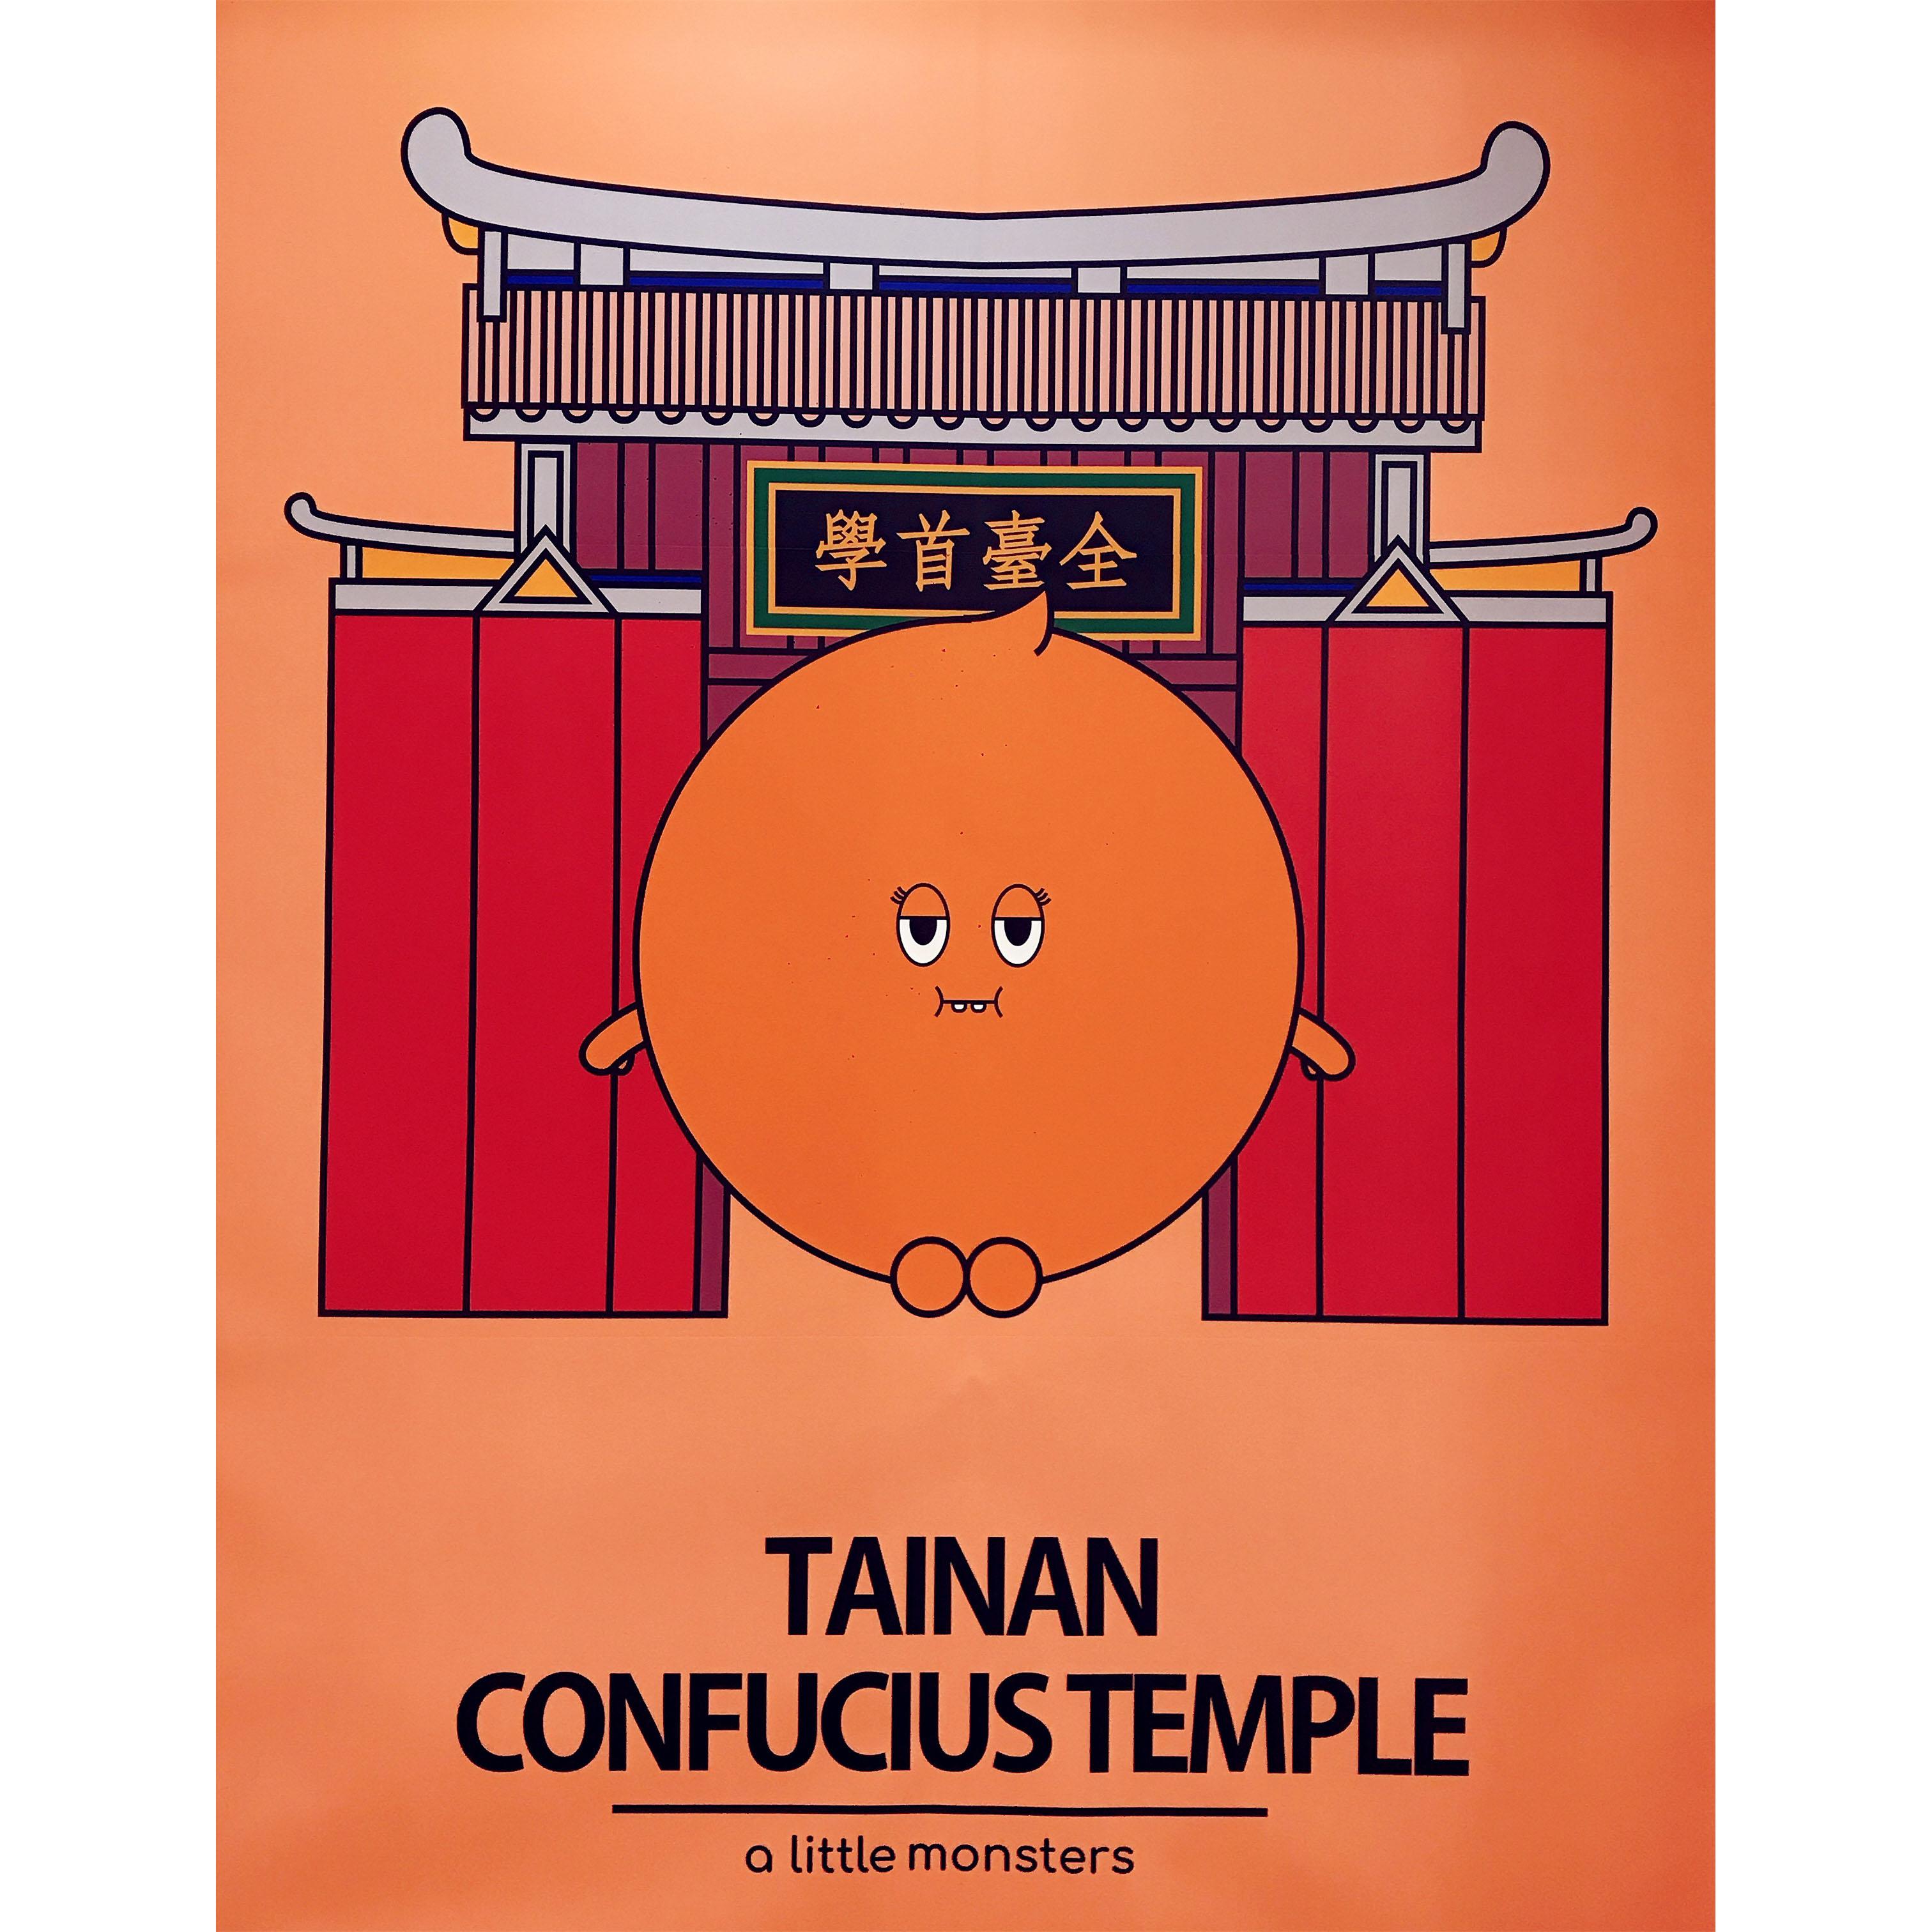 台南 玩樂 誠實君 阿尼斯特 被誠實 卡在 百貨公司 療癒 指數 破百